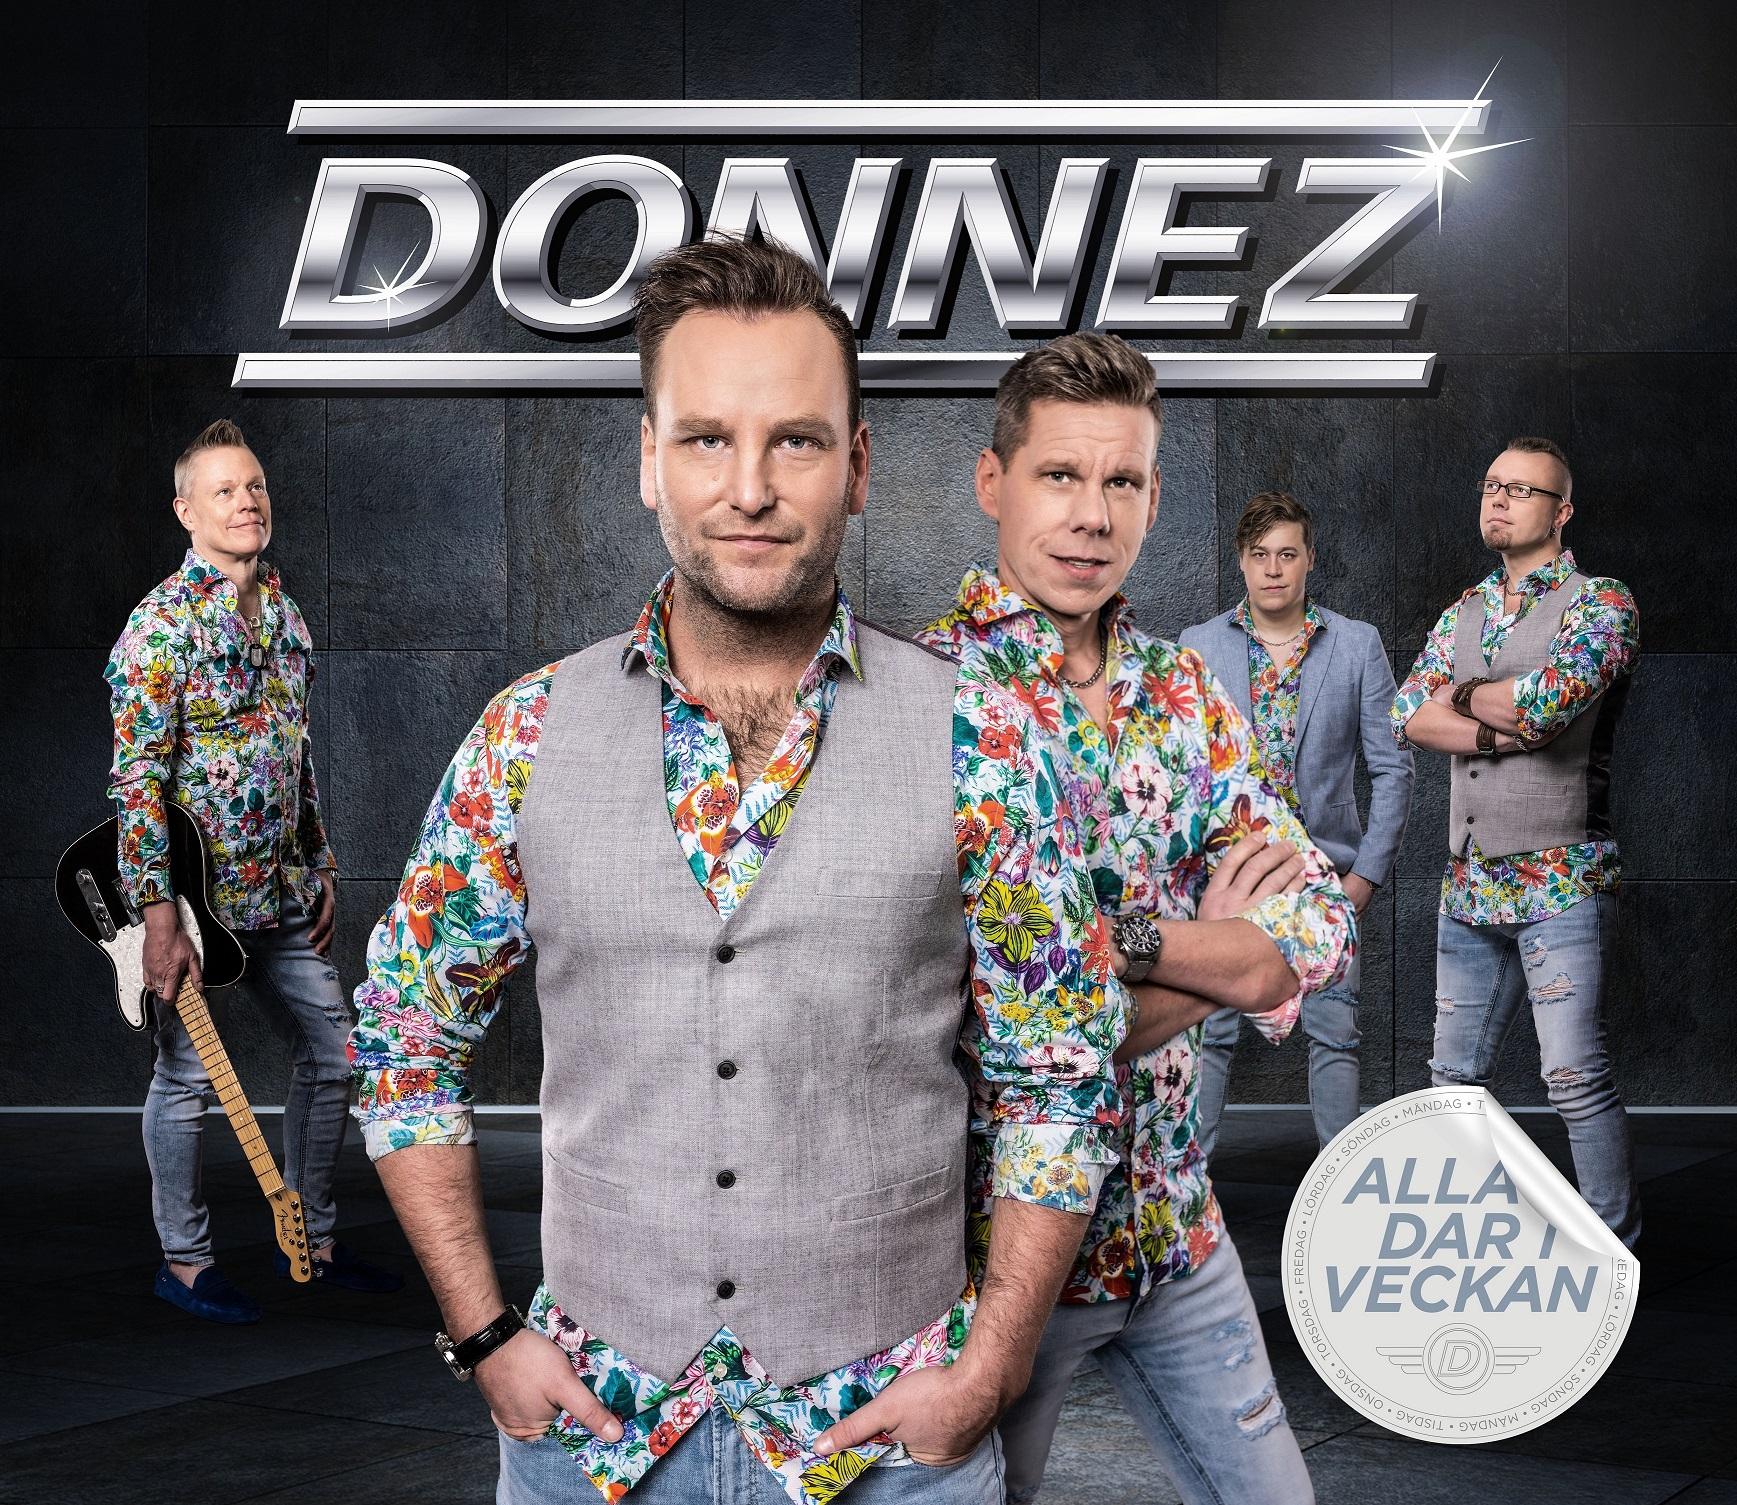 Förhandsboka Donnez CD Alla dar i veckan